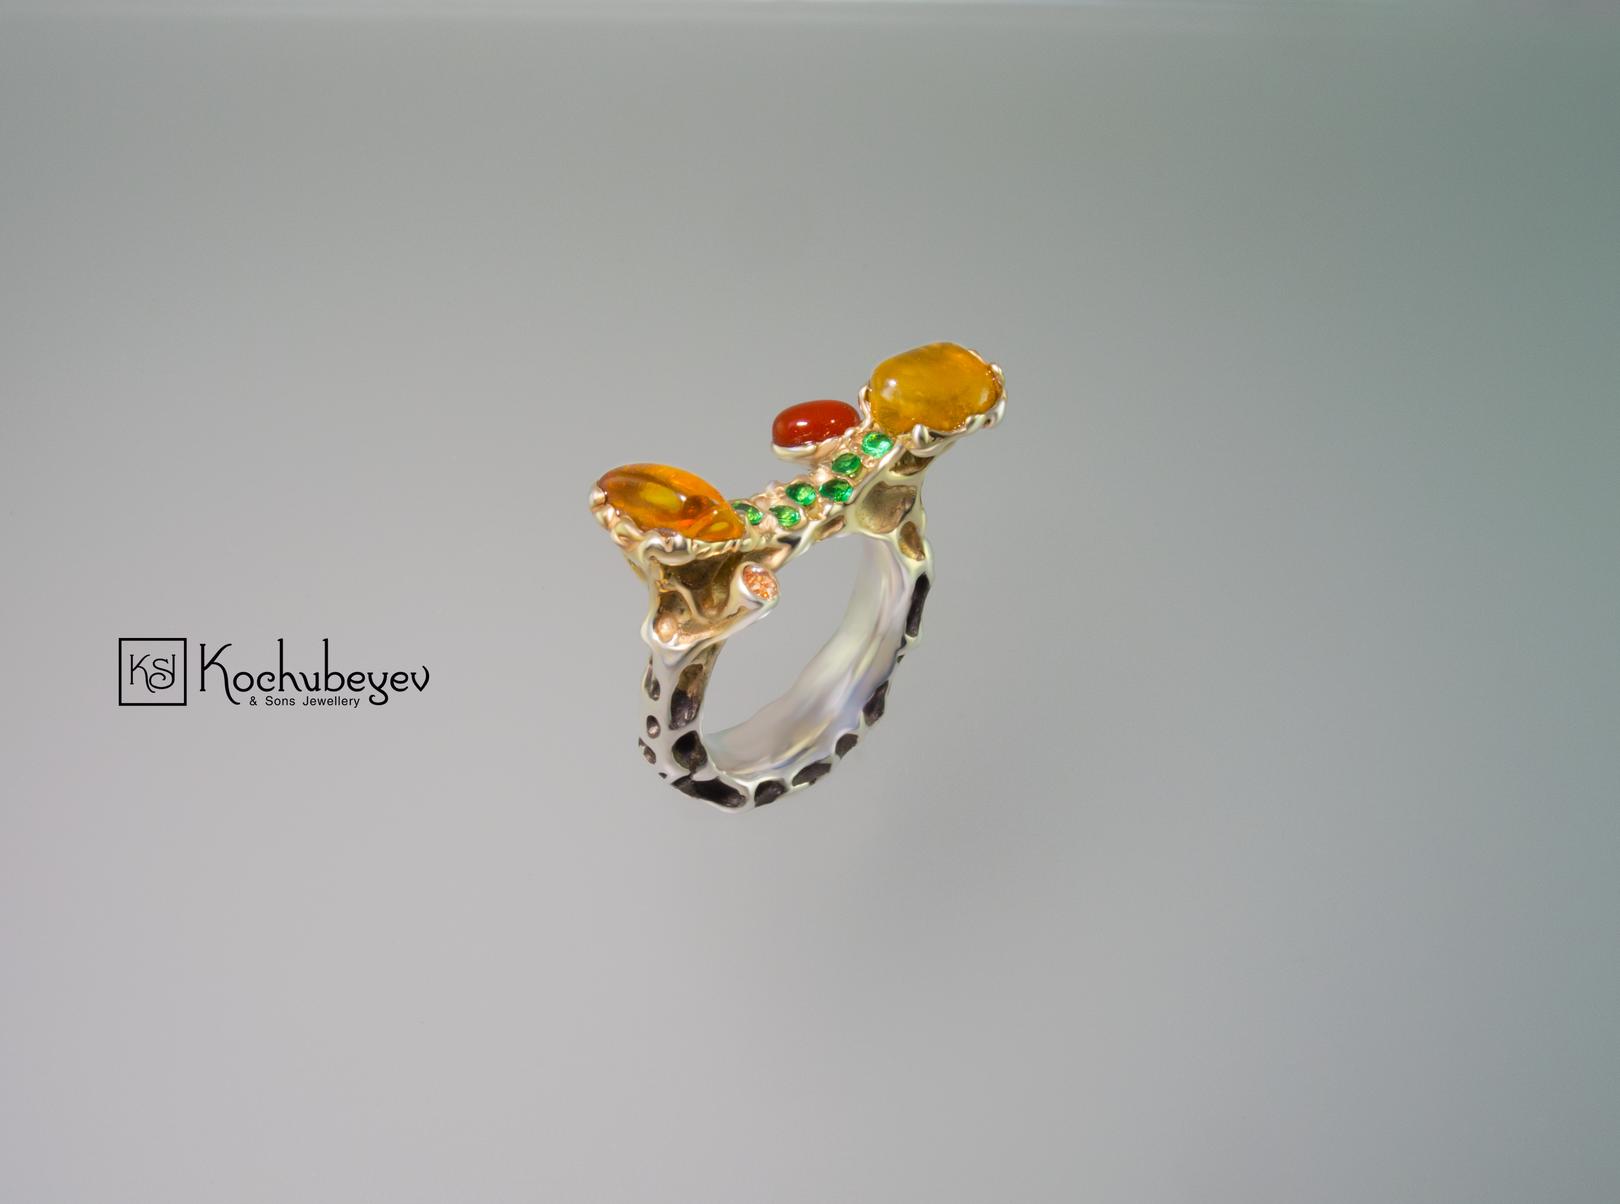 Кольцо JJ с янтарем. Серебро 925, позолота, оксидирование,янтарь, сердолик, цавориты, топаз.